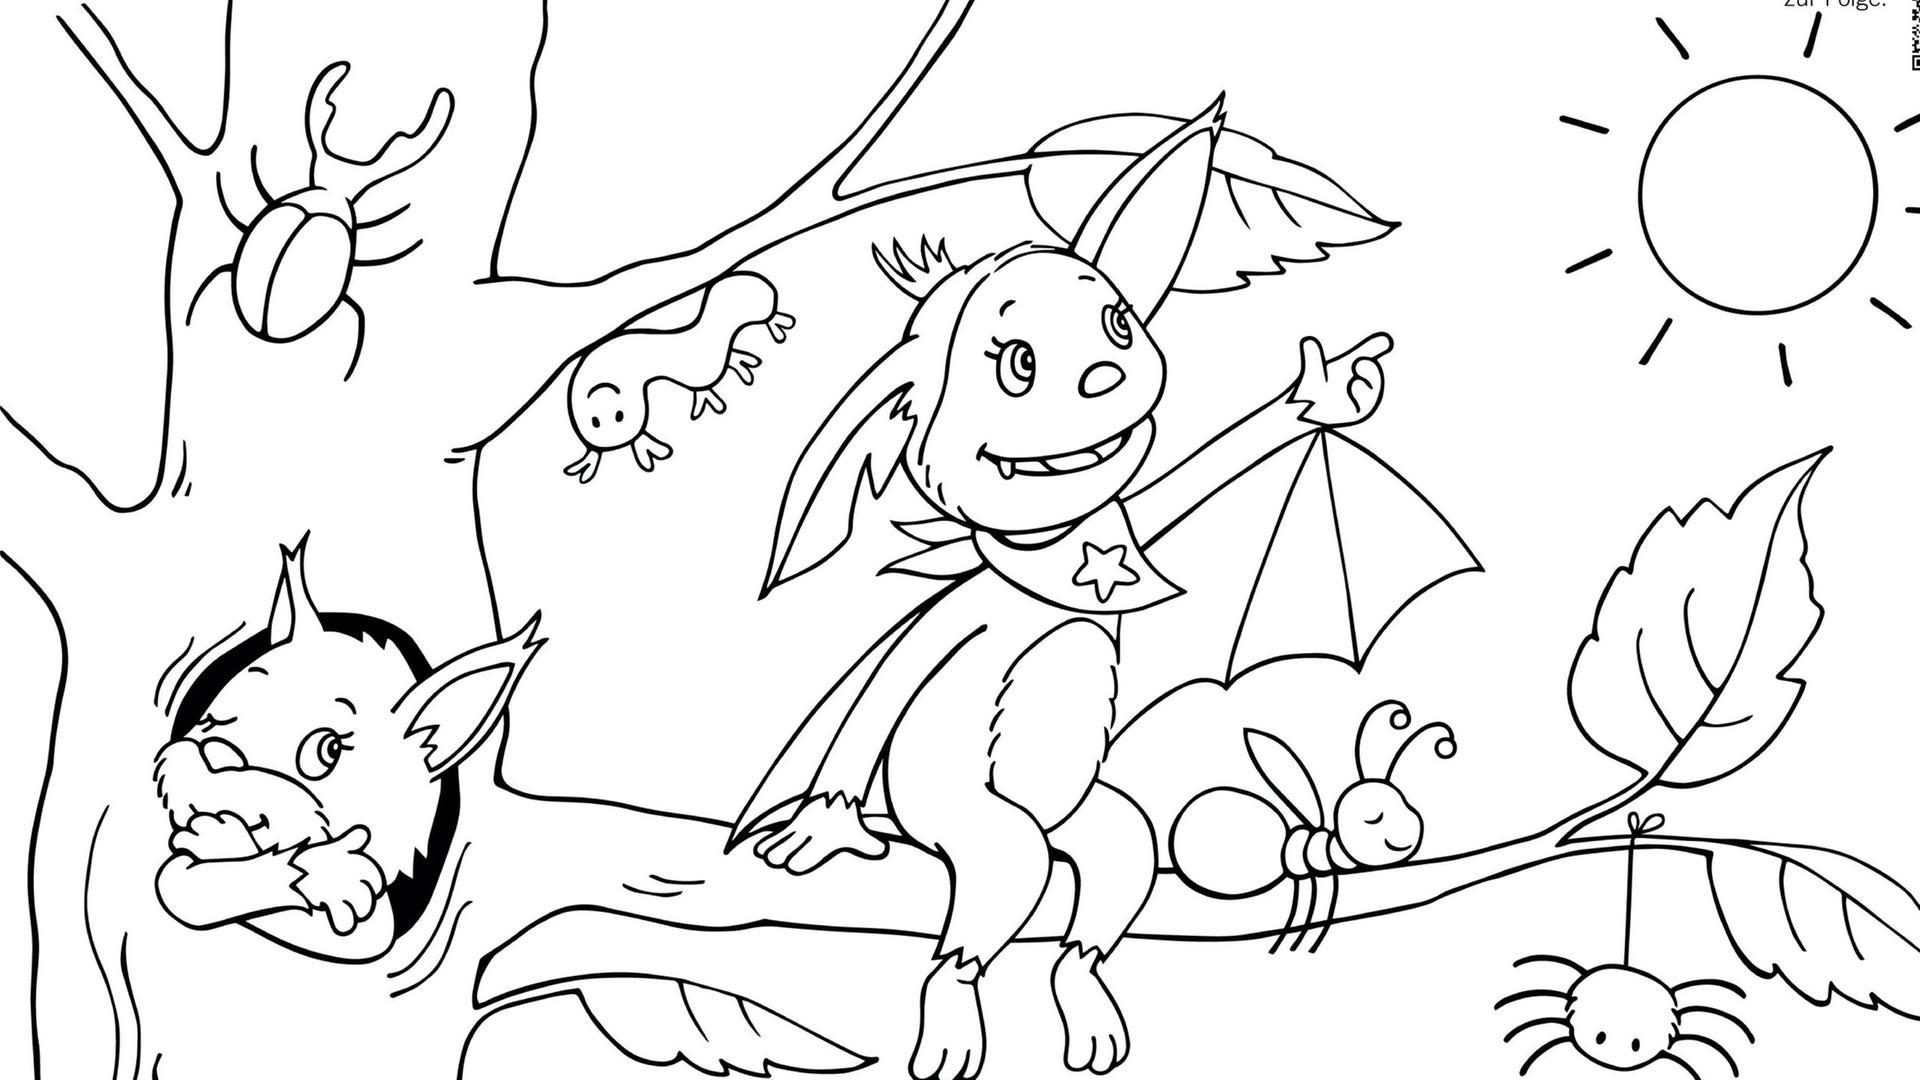 ausmalbilder mako einfach meerjungfrau - coloring and drawing